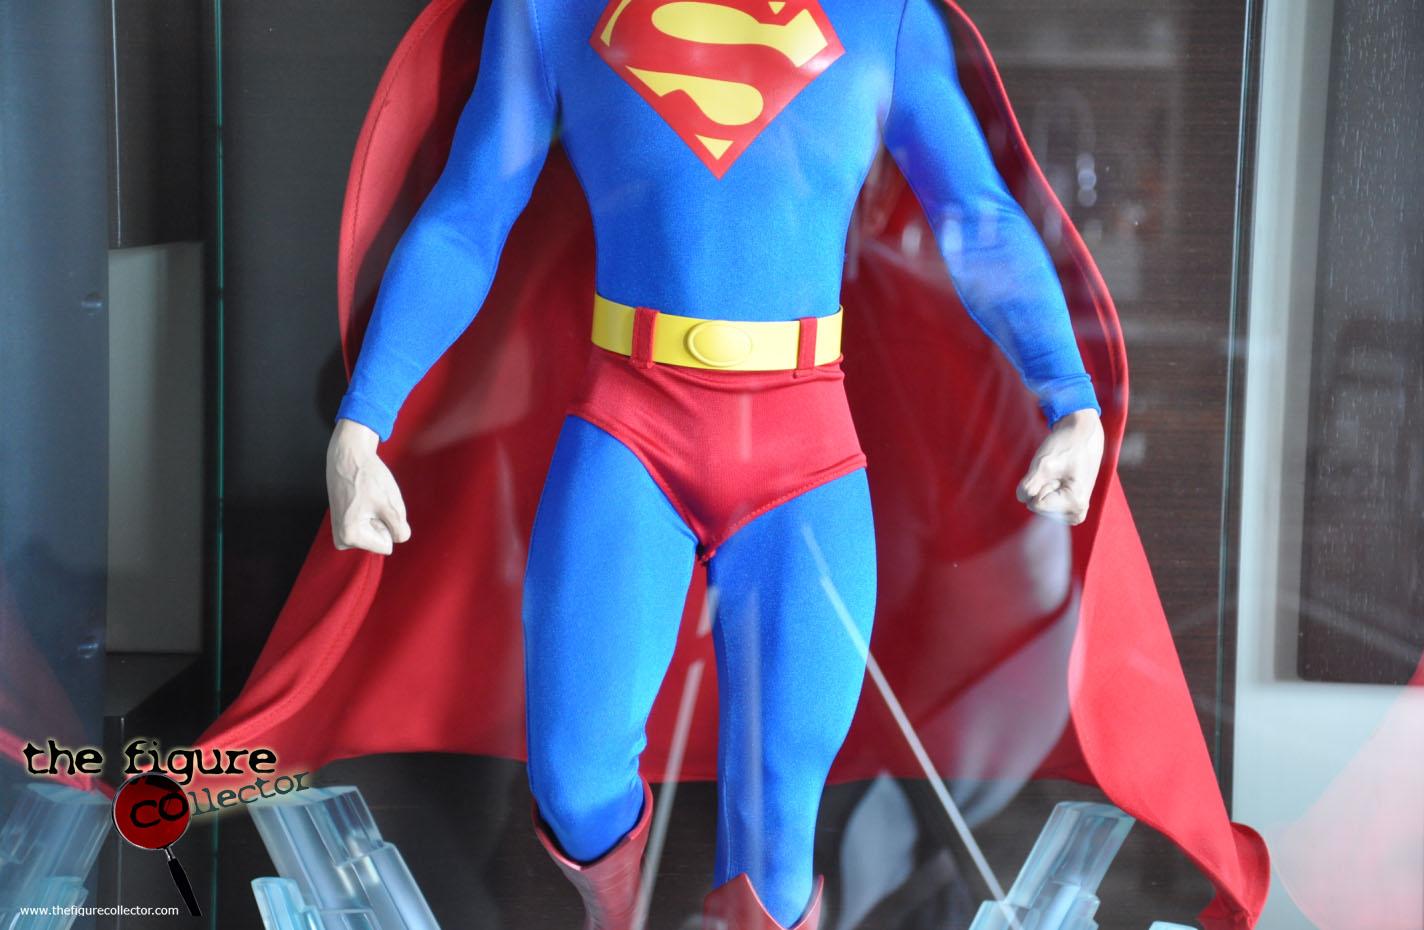 Colecao do Turco louis gara do forum Sideshow Collectors! Pobrinho!!! Superman-Cinemaquette-04